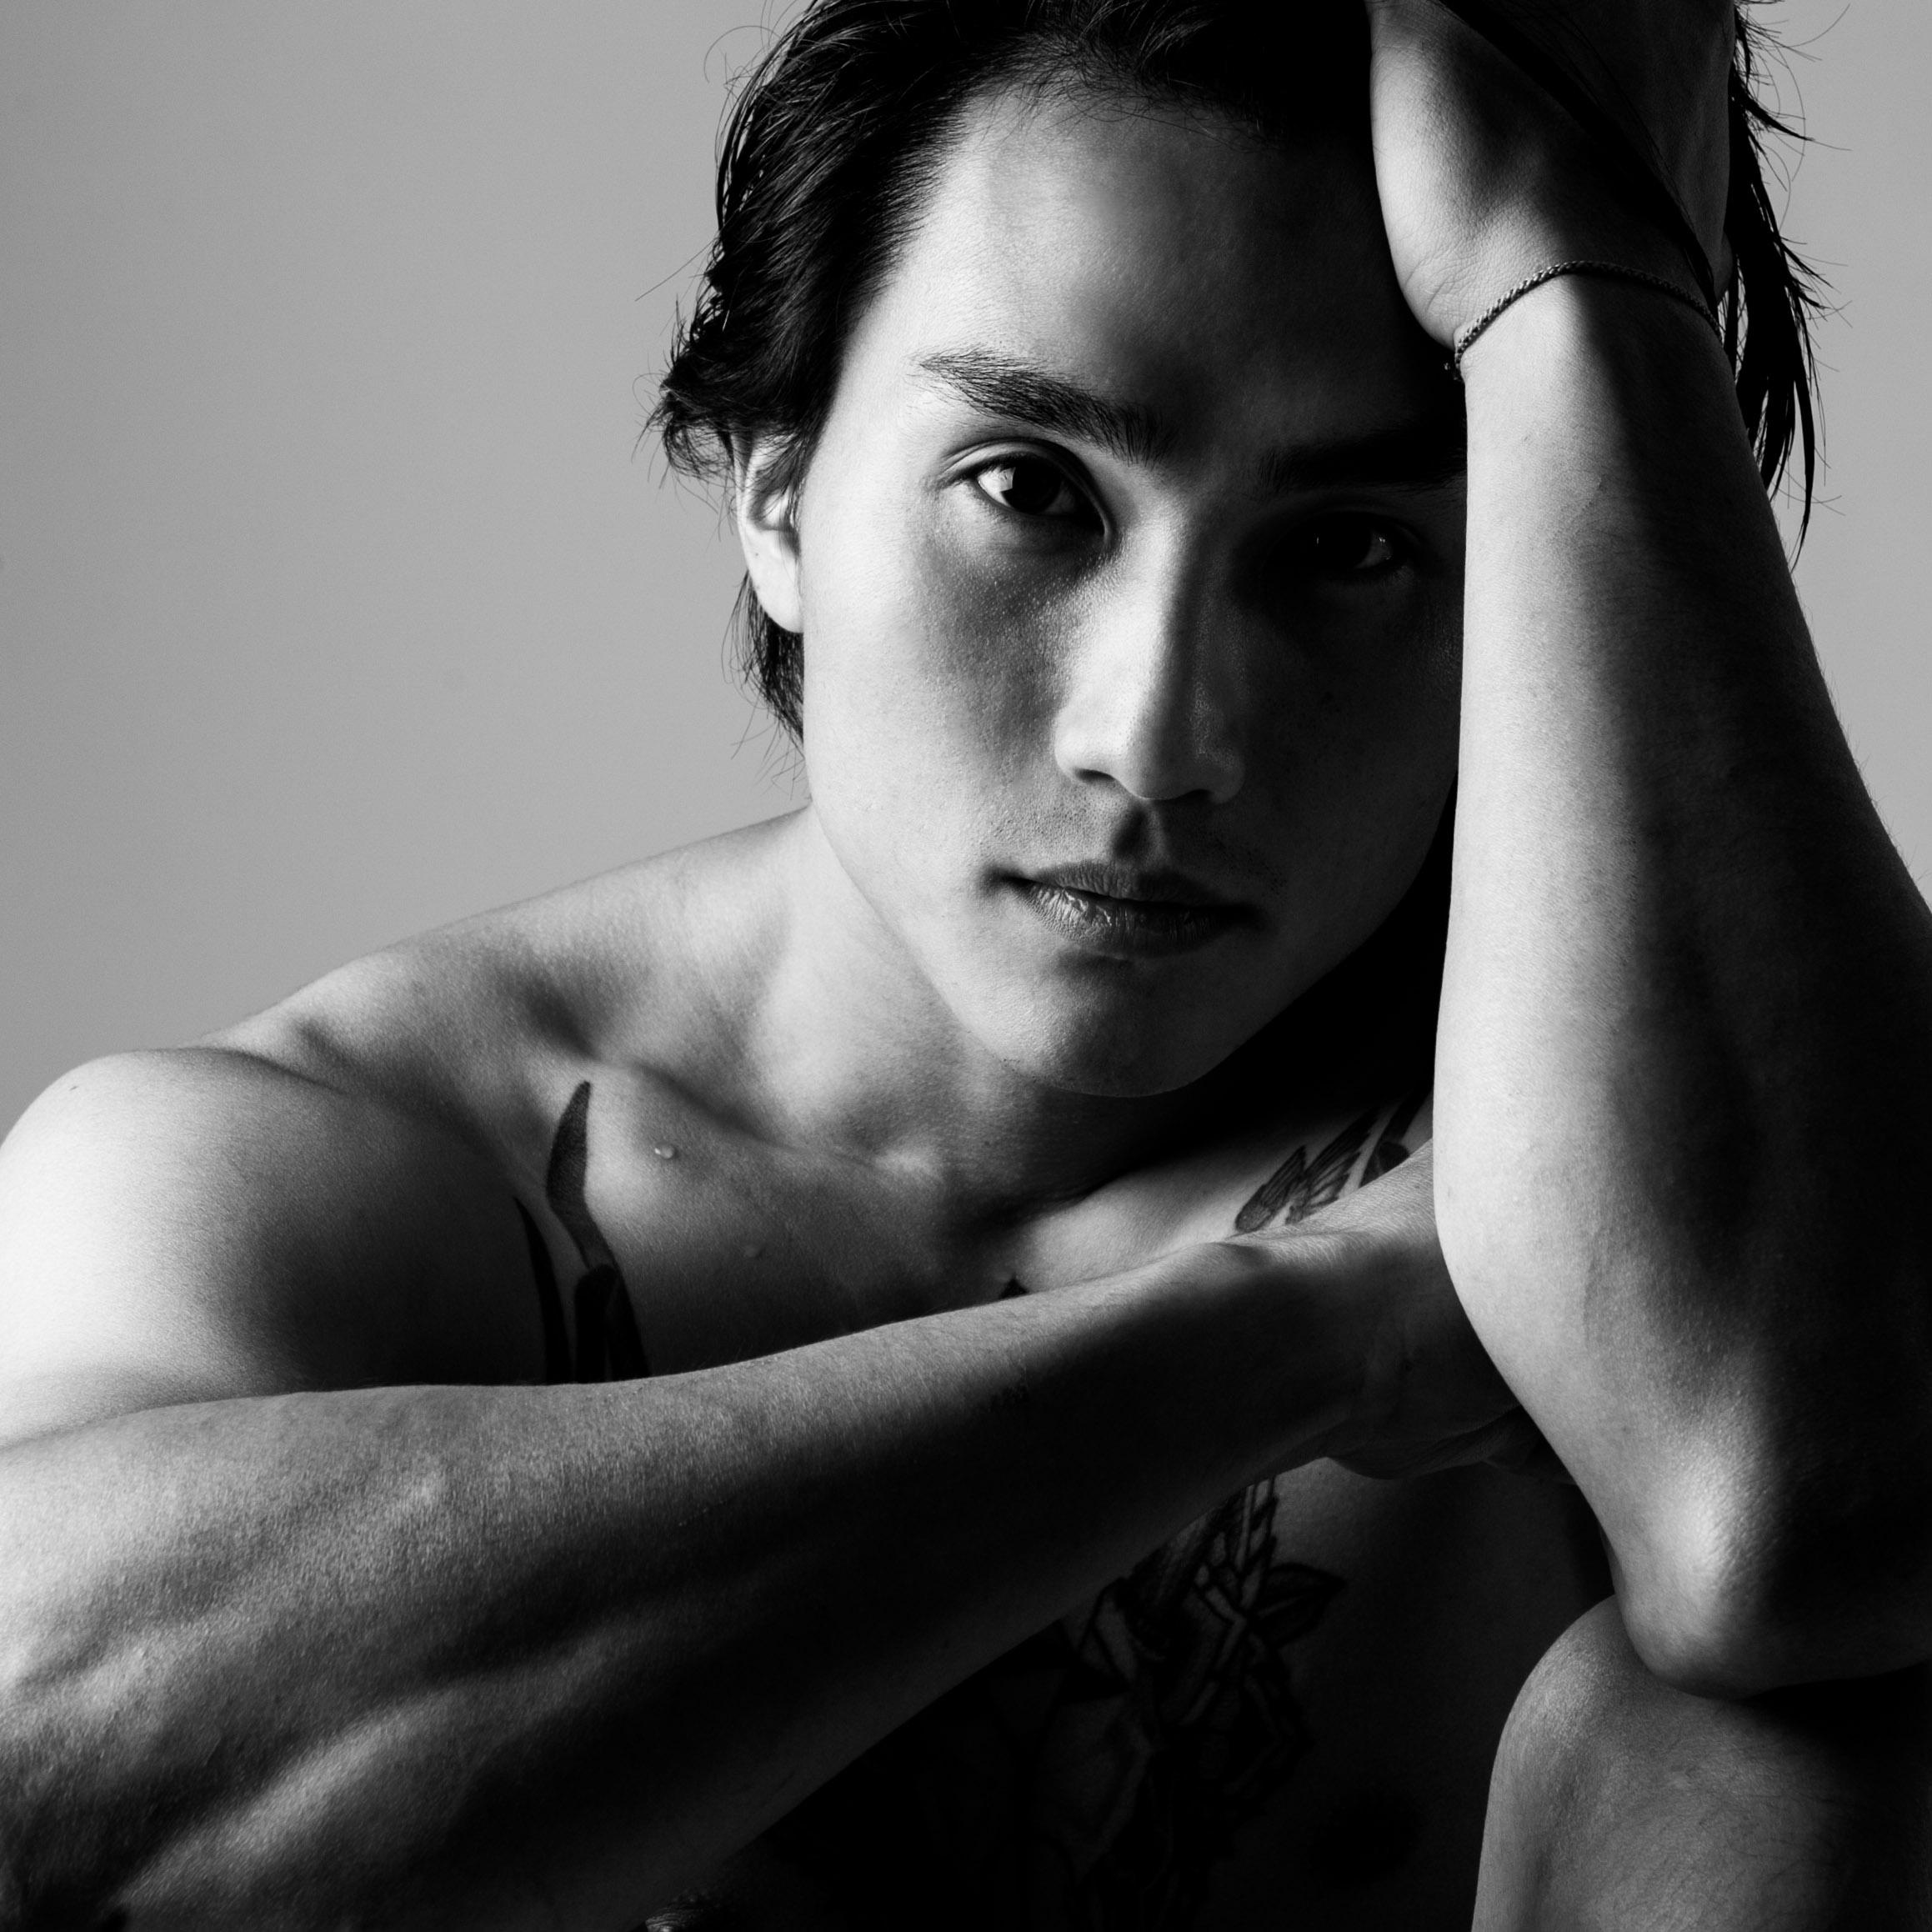 ChengHo_NYP_2997.jpg